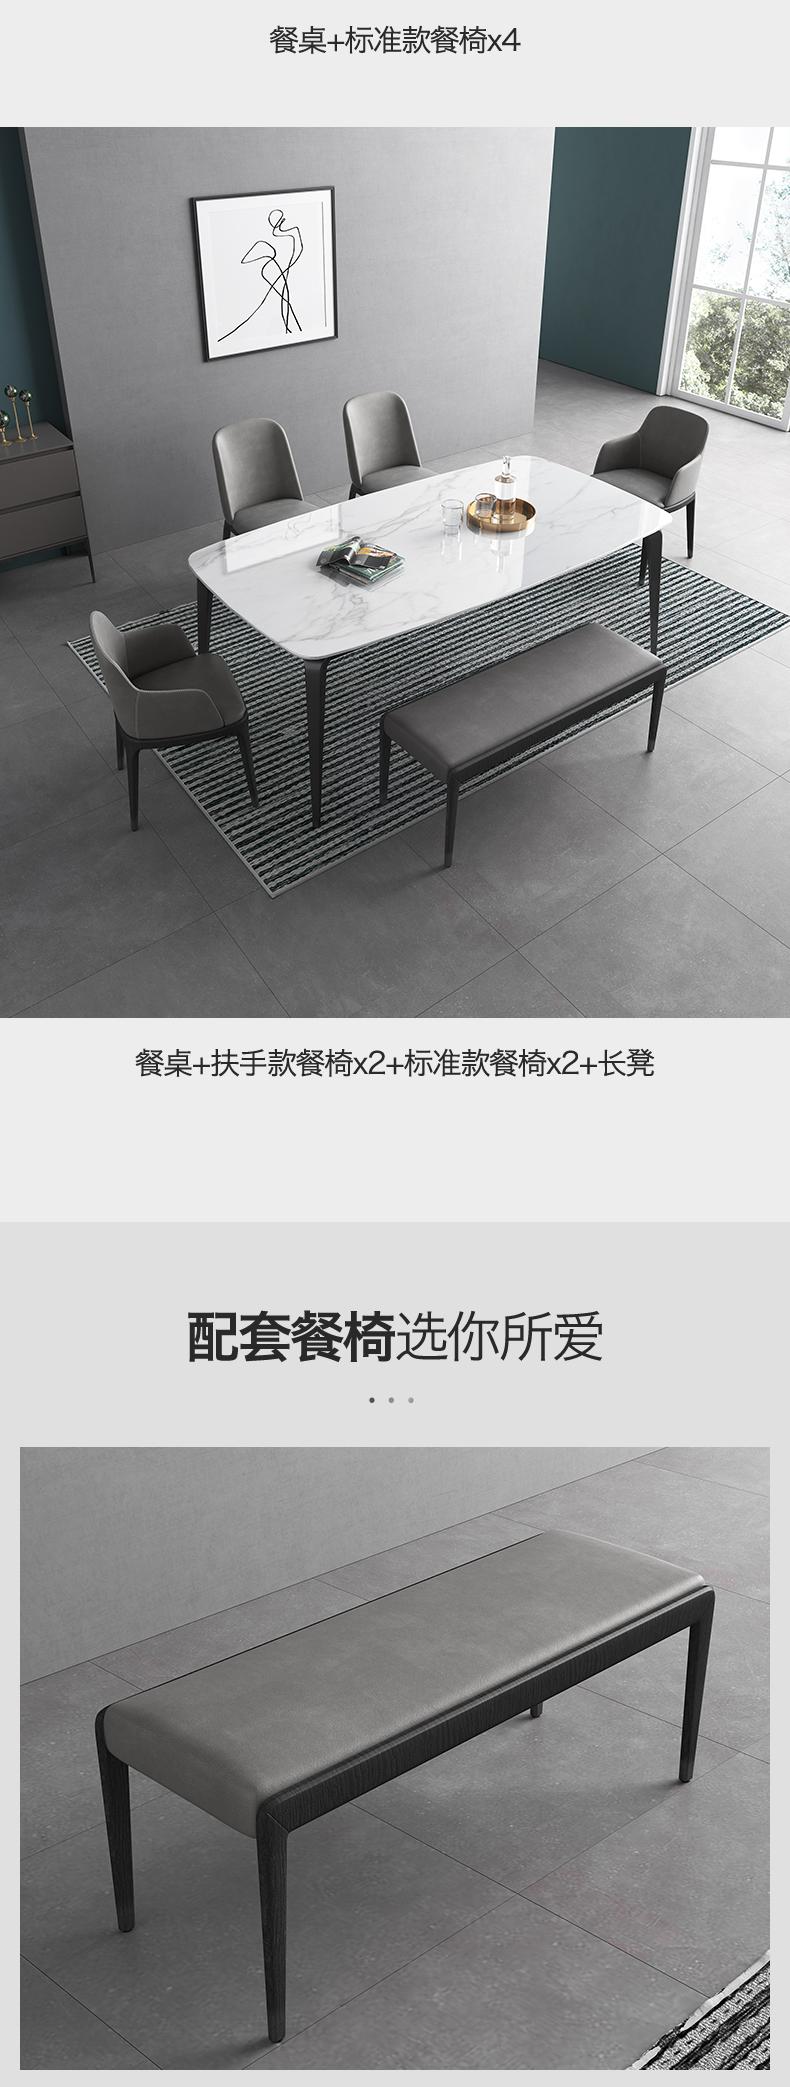 宜洛北欧大理石餐桌椅组合长方形轻奢餐桌简约现代小户型家用饭桌详细照片